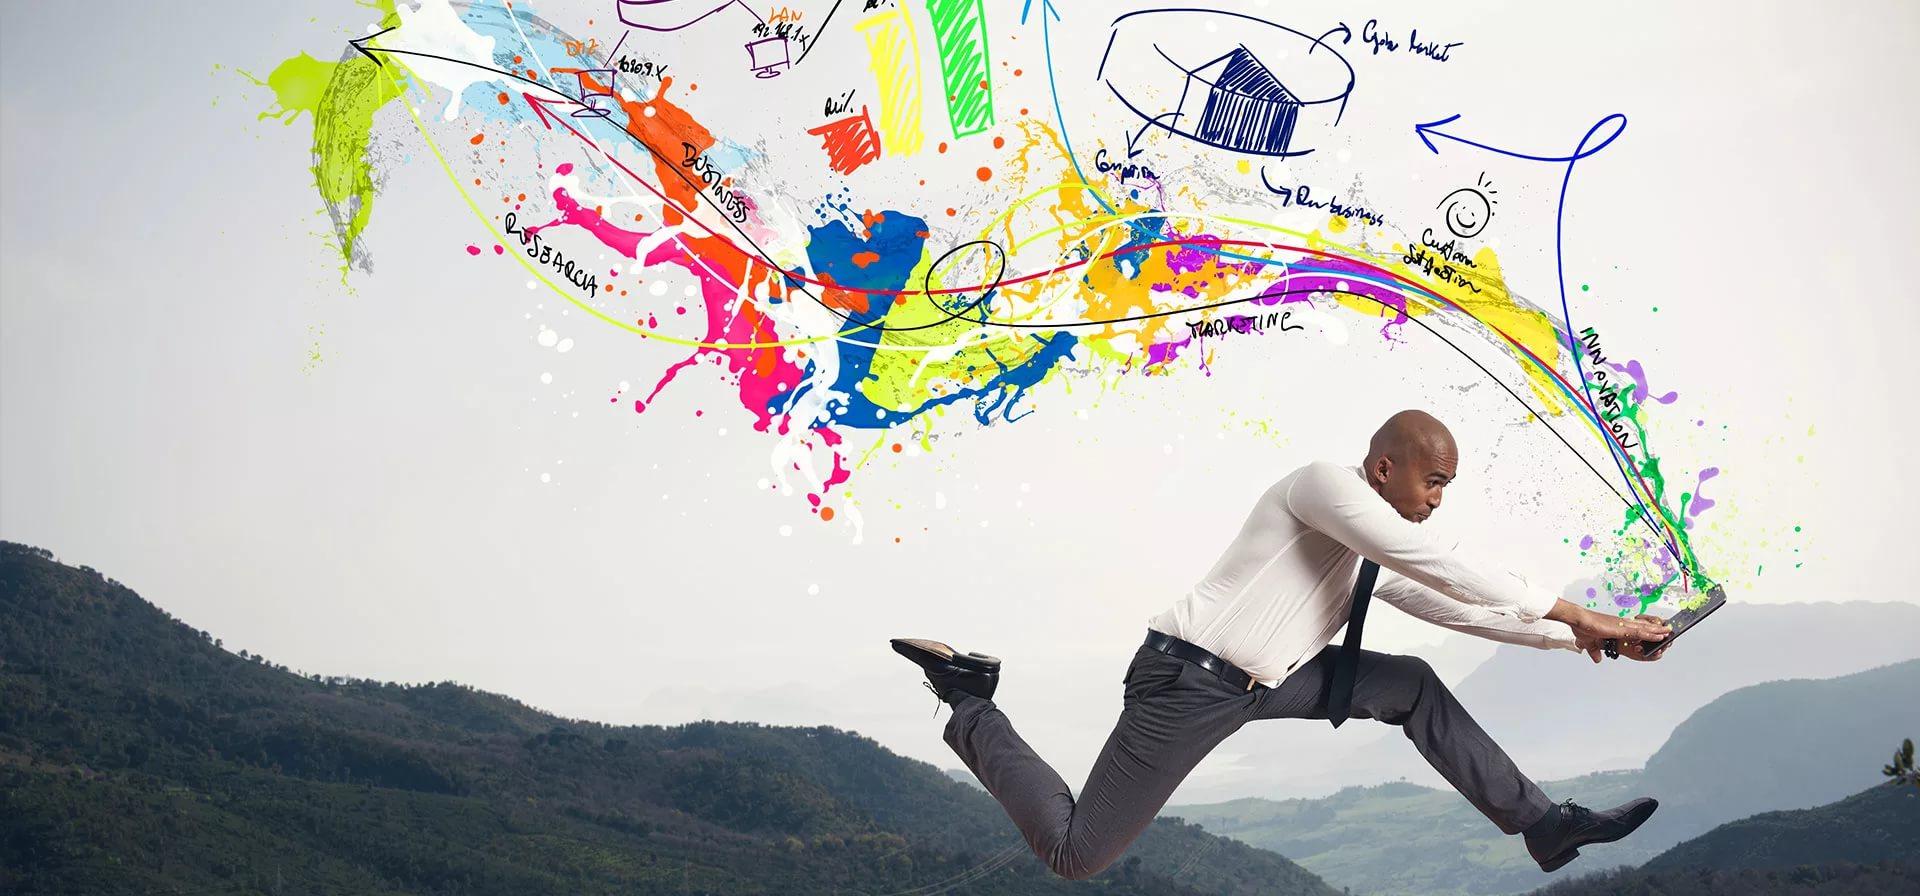 Картинки драйва энергии креативных идей, годик